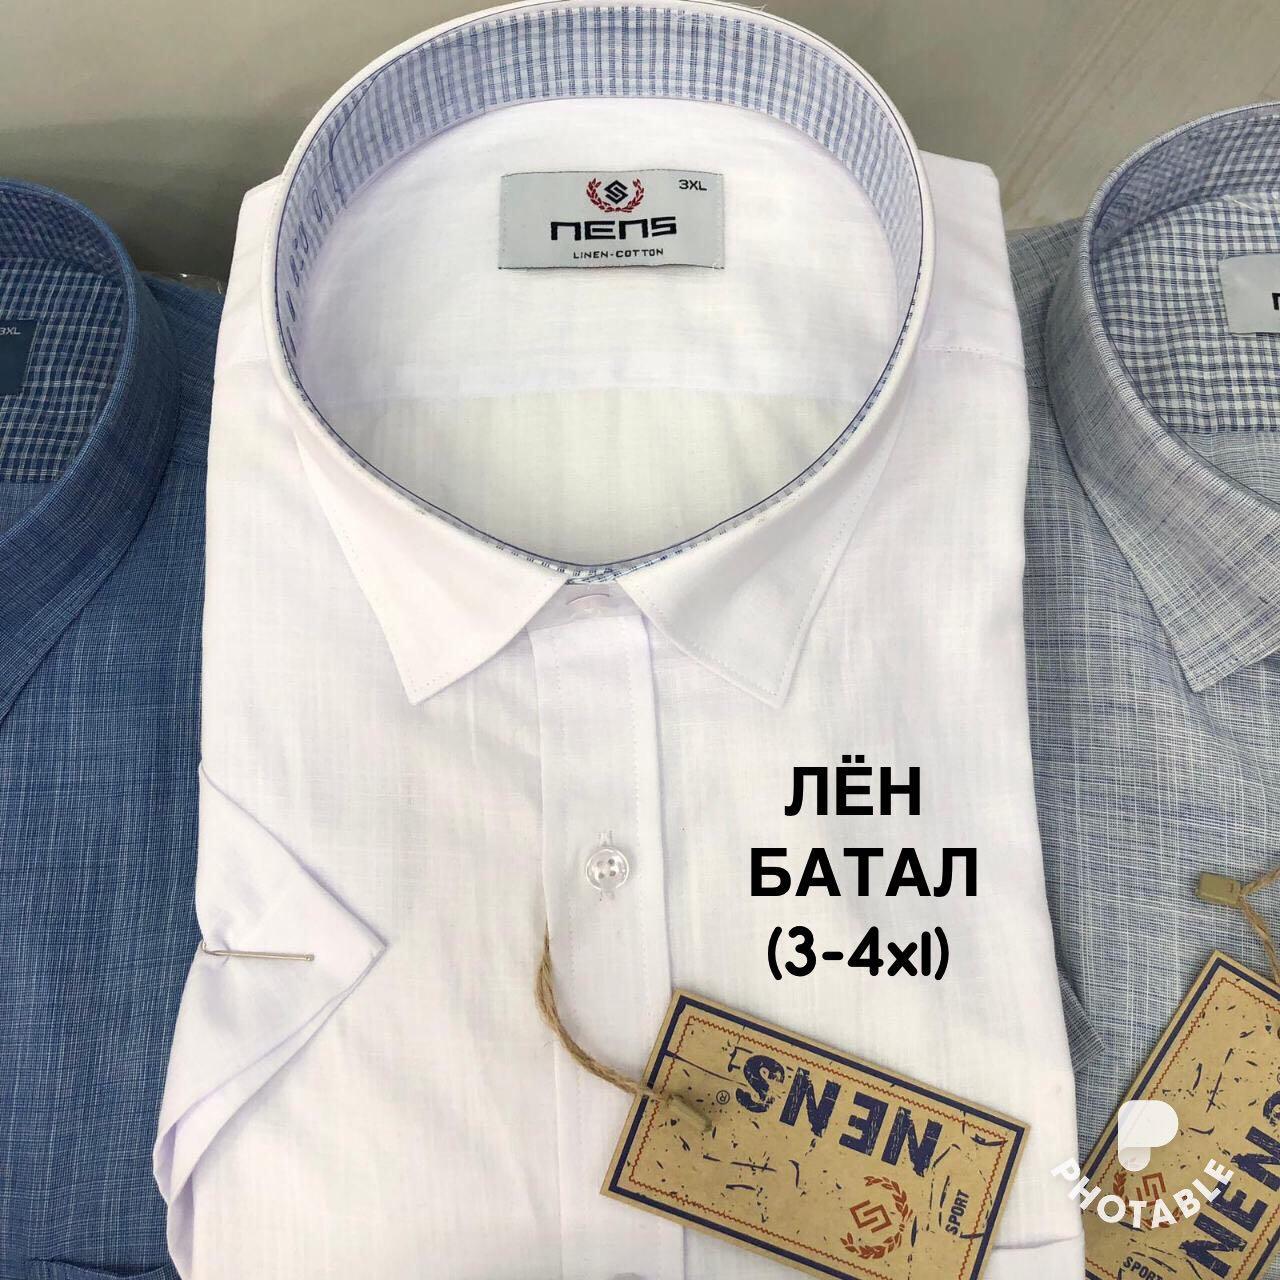 Лляна батальна сорочка Nens